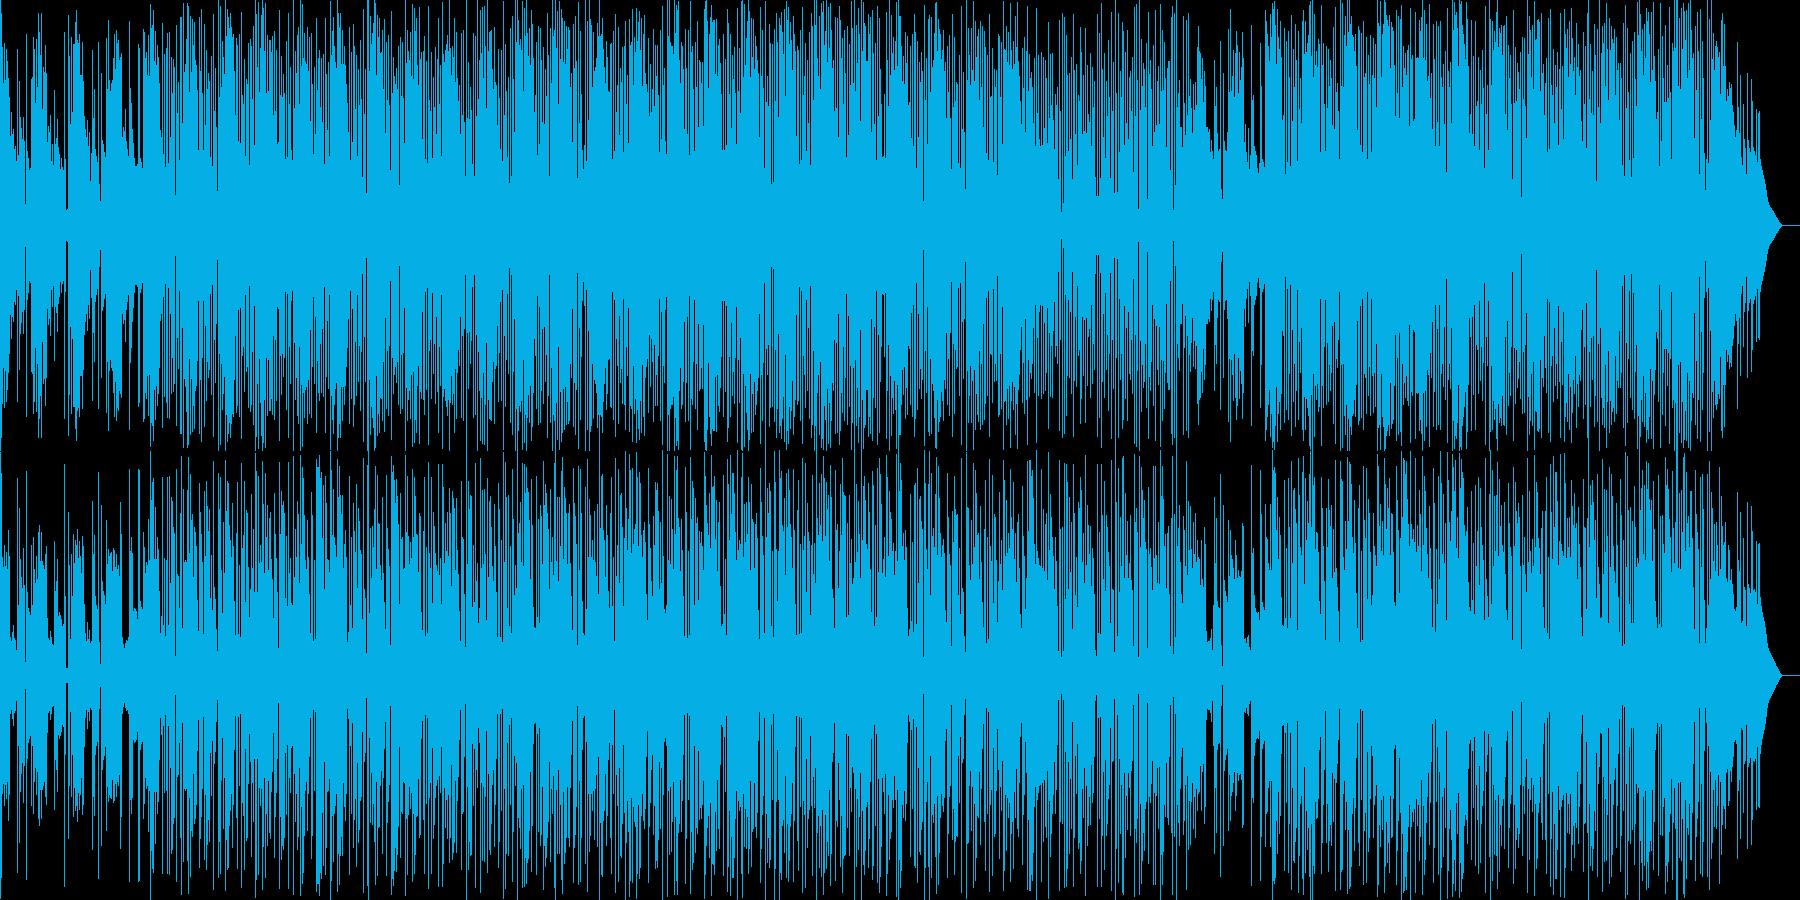 近未来感あるビートの効いたお洒落なBGMの再生済みの波形